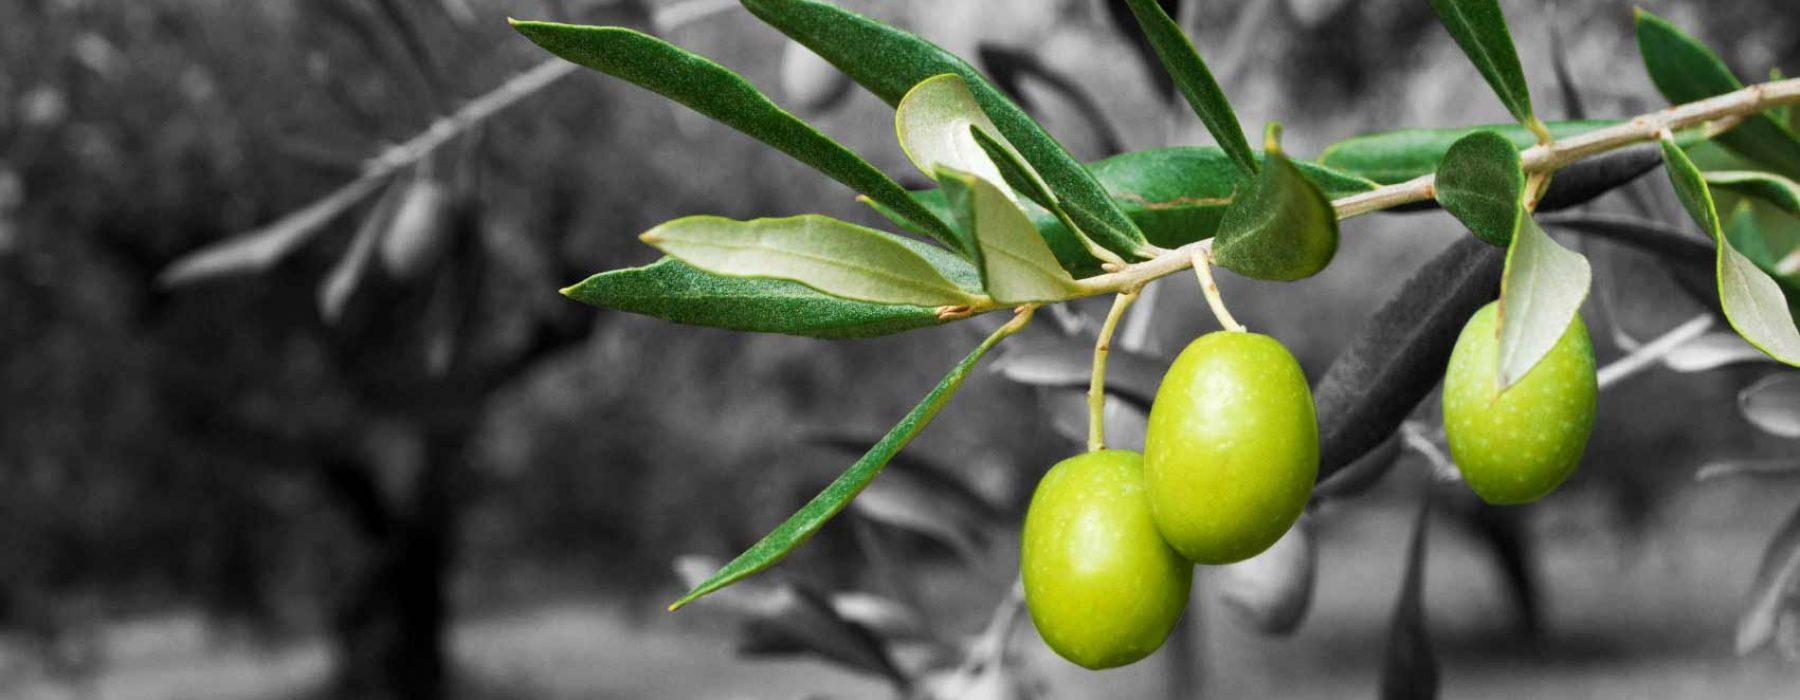 Зеленое золото Агро Понтино